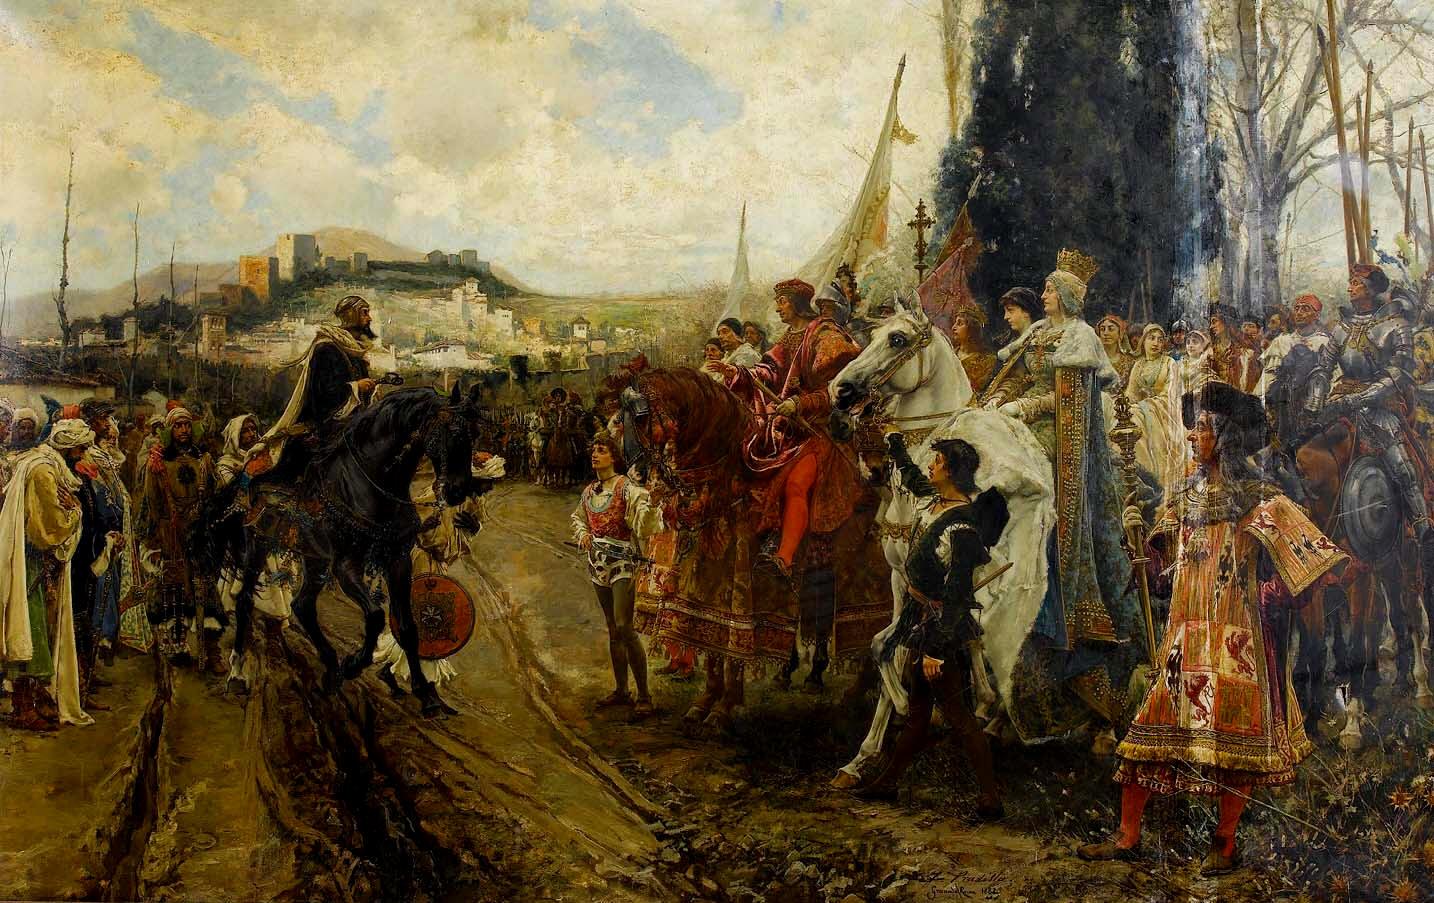 """(...)"""" El rey e la reina, vista la carta e enbaxada del rey Babdili, aderesçaronde ir a tomar el Alhambra; e partieron del real, lunes, dos días de henero, con grand hueste, muy ordenadas sus batallas; e llegando a cerca del Alhambra, salió el rey moro Muley Babdili, acompañado de muchos cavalleros moros, con las llaves en las manos, encima de un cavallo. E quísose apear a besar la mano del rey, e el rey no se lo consentió descavalgar del cavallo ni le quiso dar la mano;e el rey moro le besó en el braço, e le dió las llaves e dixo:"""